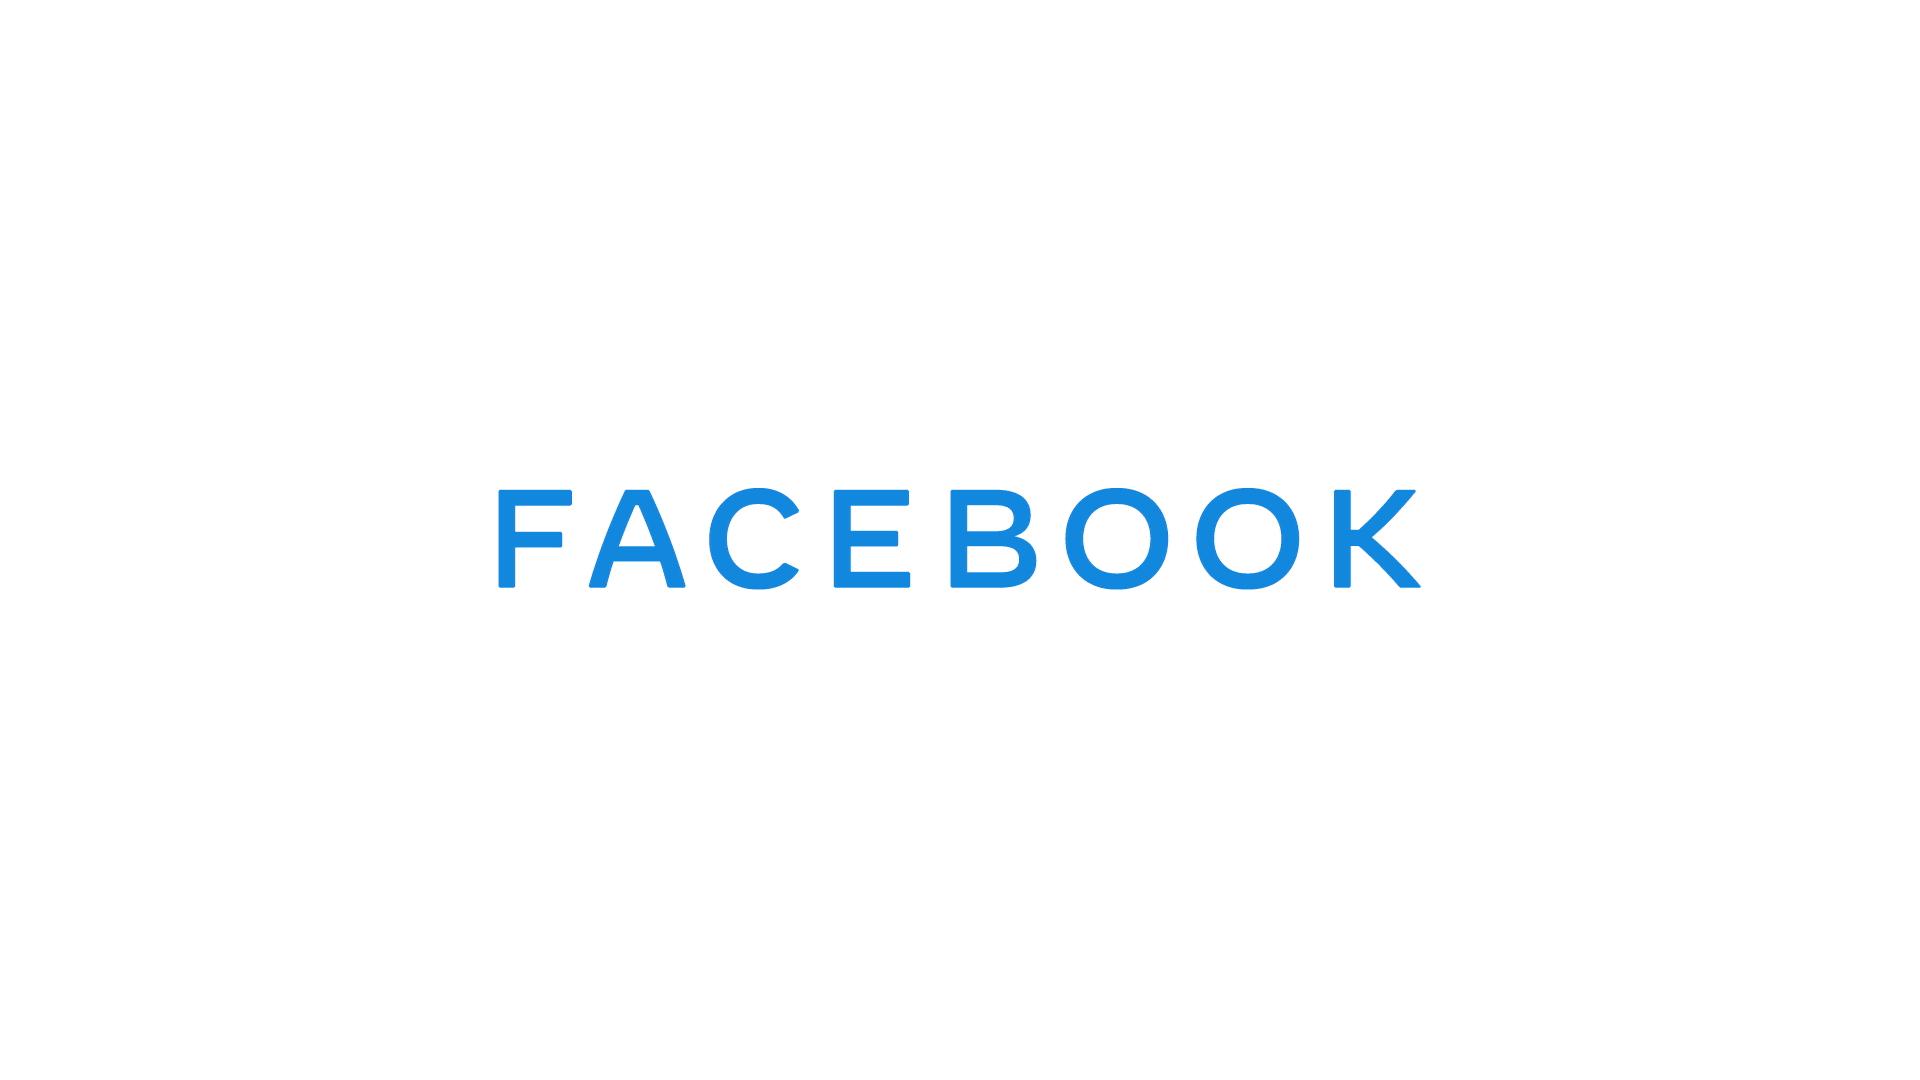 Facebook veut se rendre plus visible grâce à son nouveau logo